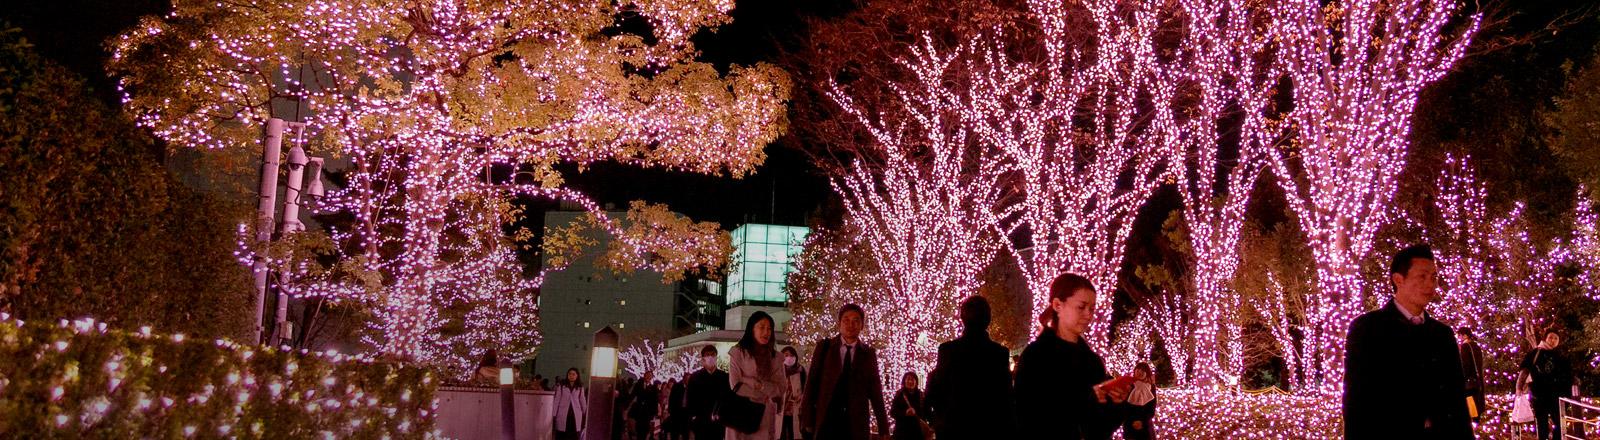 Ein zu Weihnachten geschmückter Park in Japan